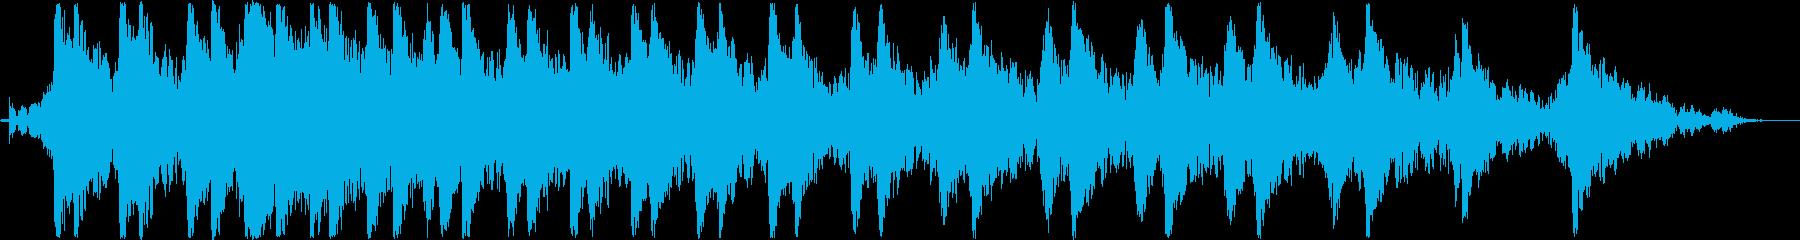 バイク・チェーンソーのエンジン音(A)の再生済みの波形